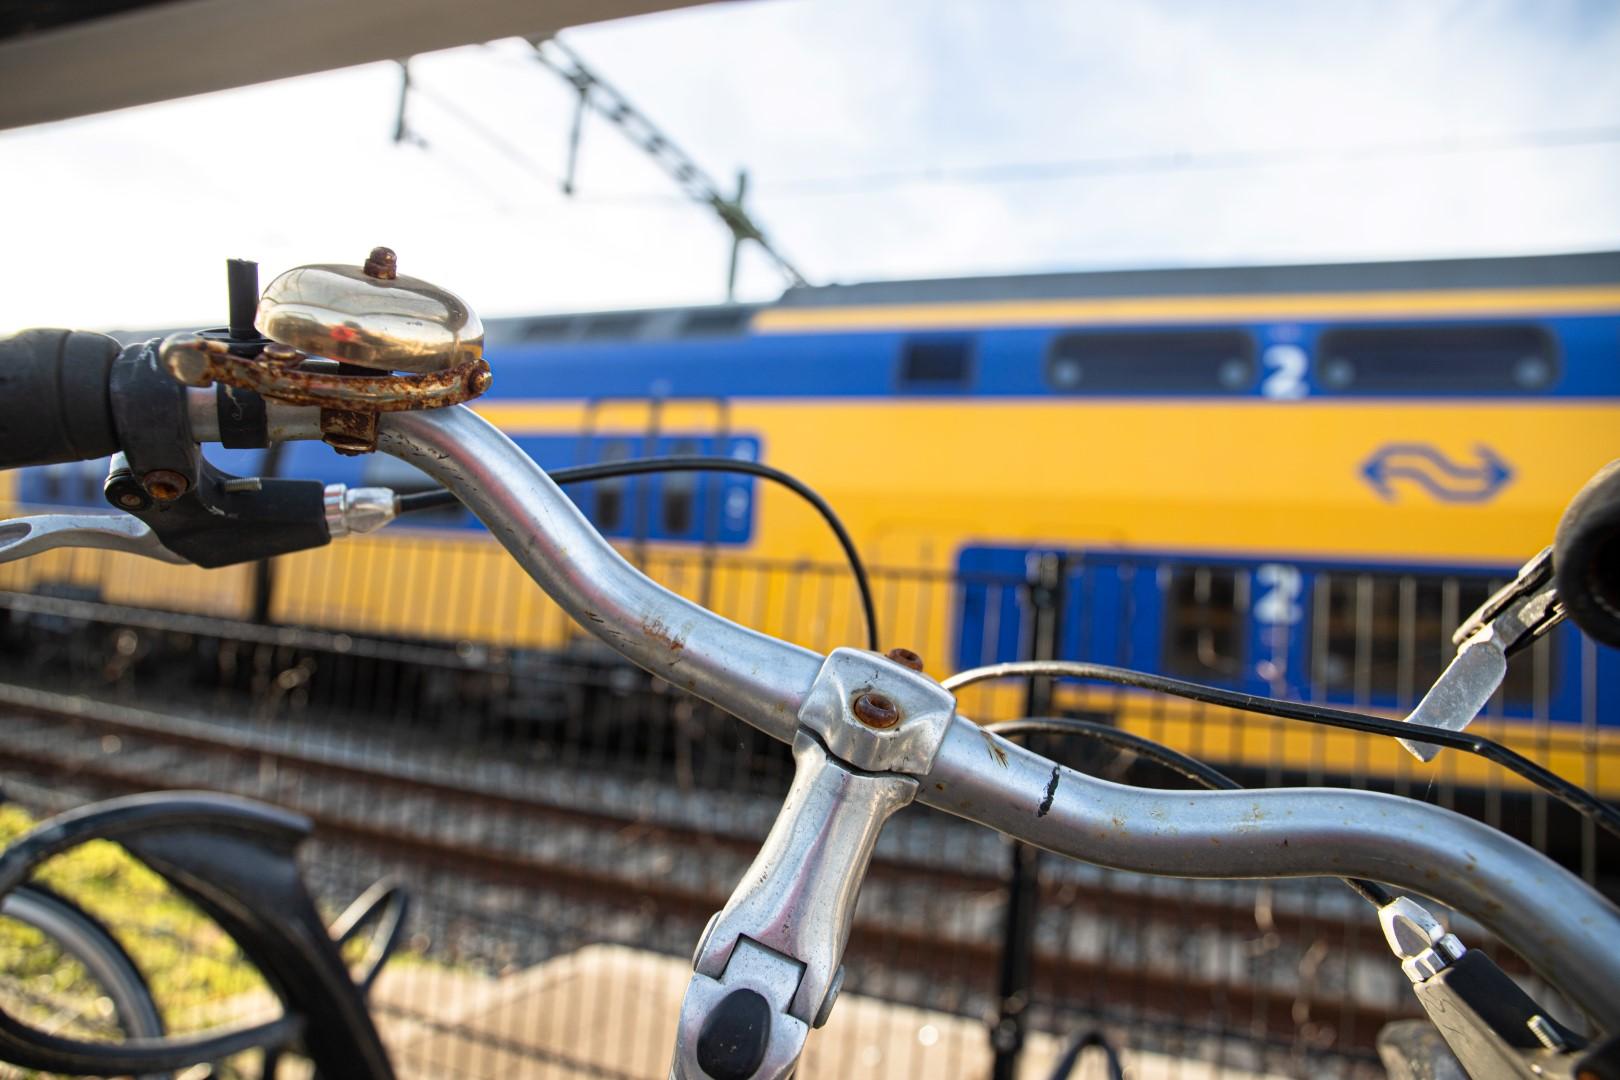 Station stationsstraat fiets fietsen gemeente verwijder verwijdering trein